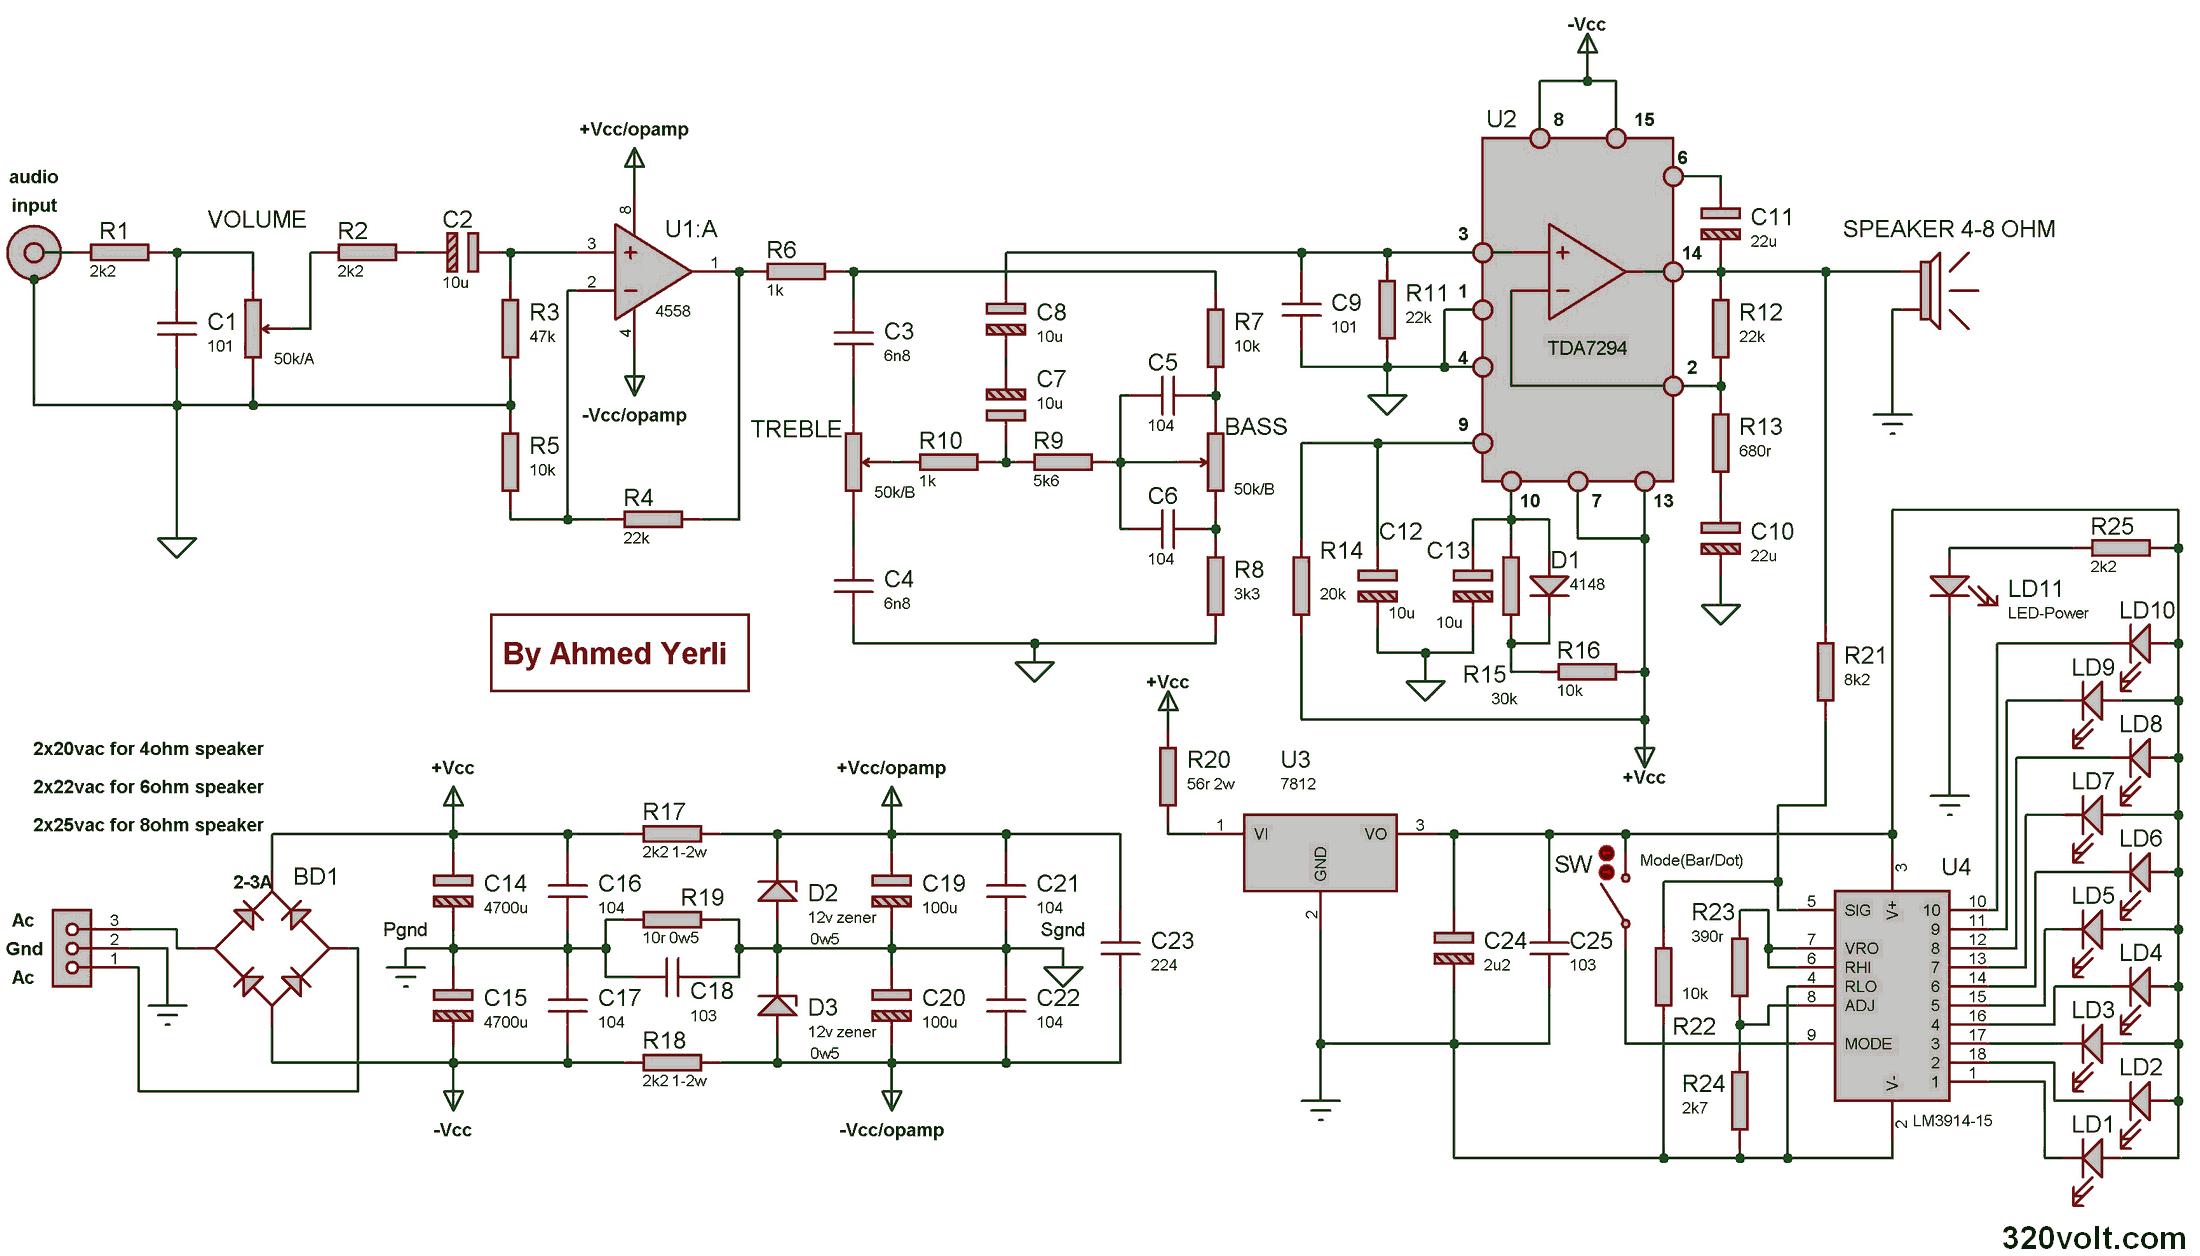 Tda7294 Komple 100w  lifikator Vu Metre Ton Kontrol together with  on tda7294 200w 100w subwoofer anfi devreleri